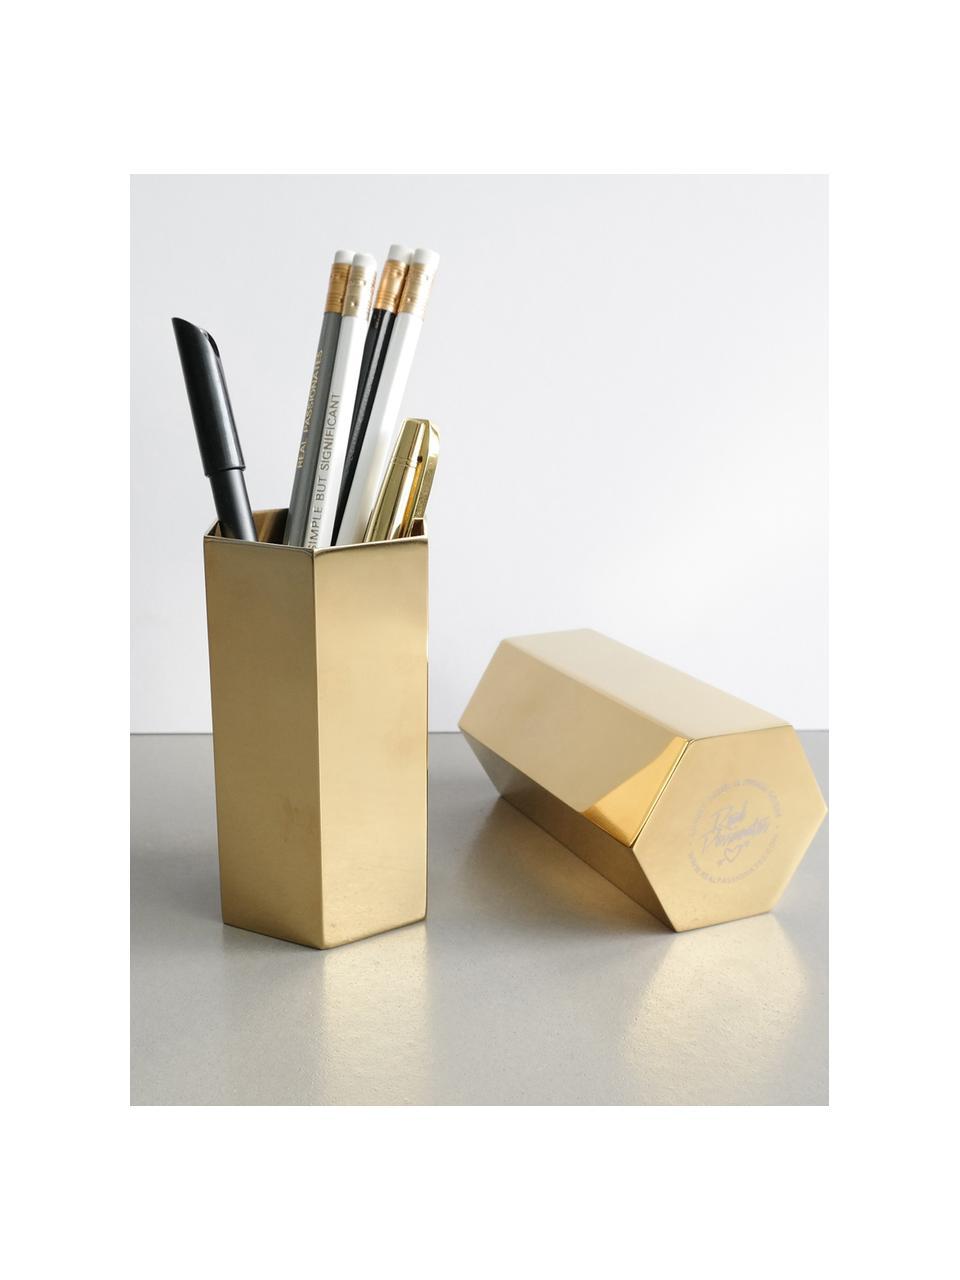 Büro-Organizer-Set Tener, 2-tlg., Stahl, beschichtet, Goldfarben, Verschiedene Größen